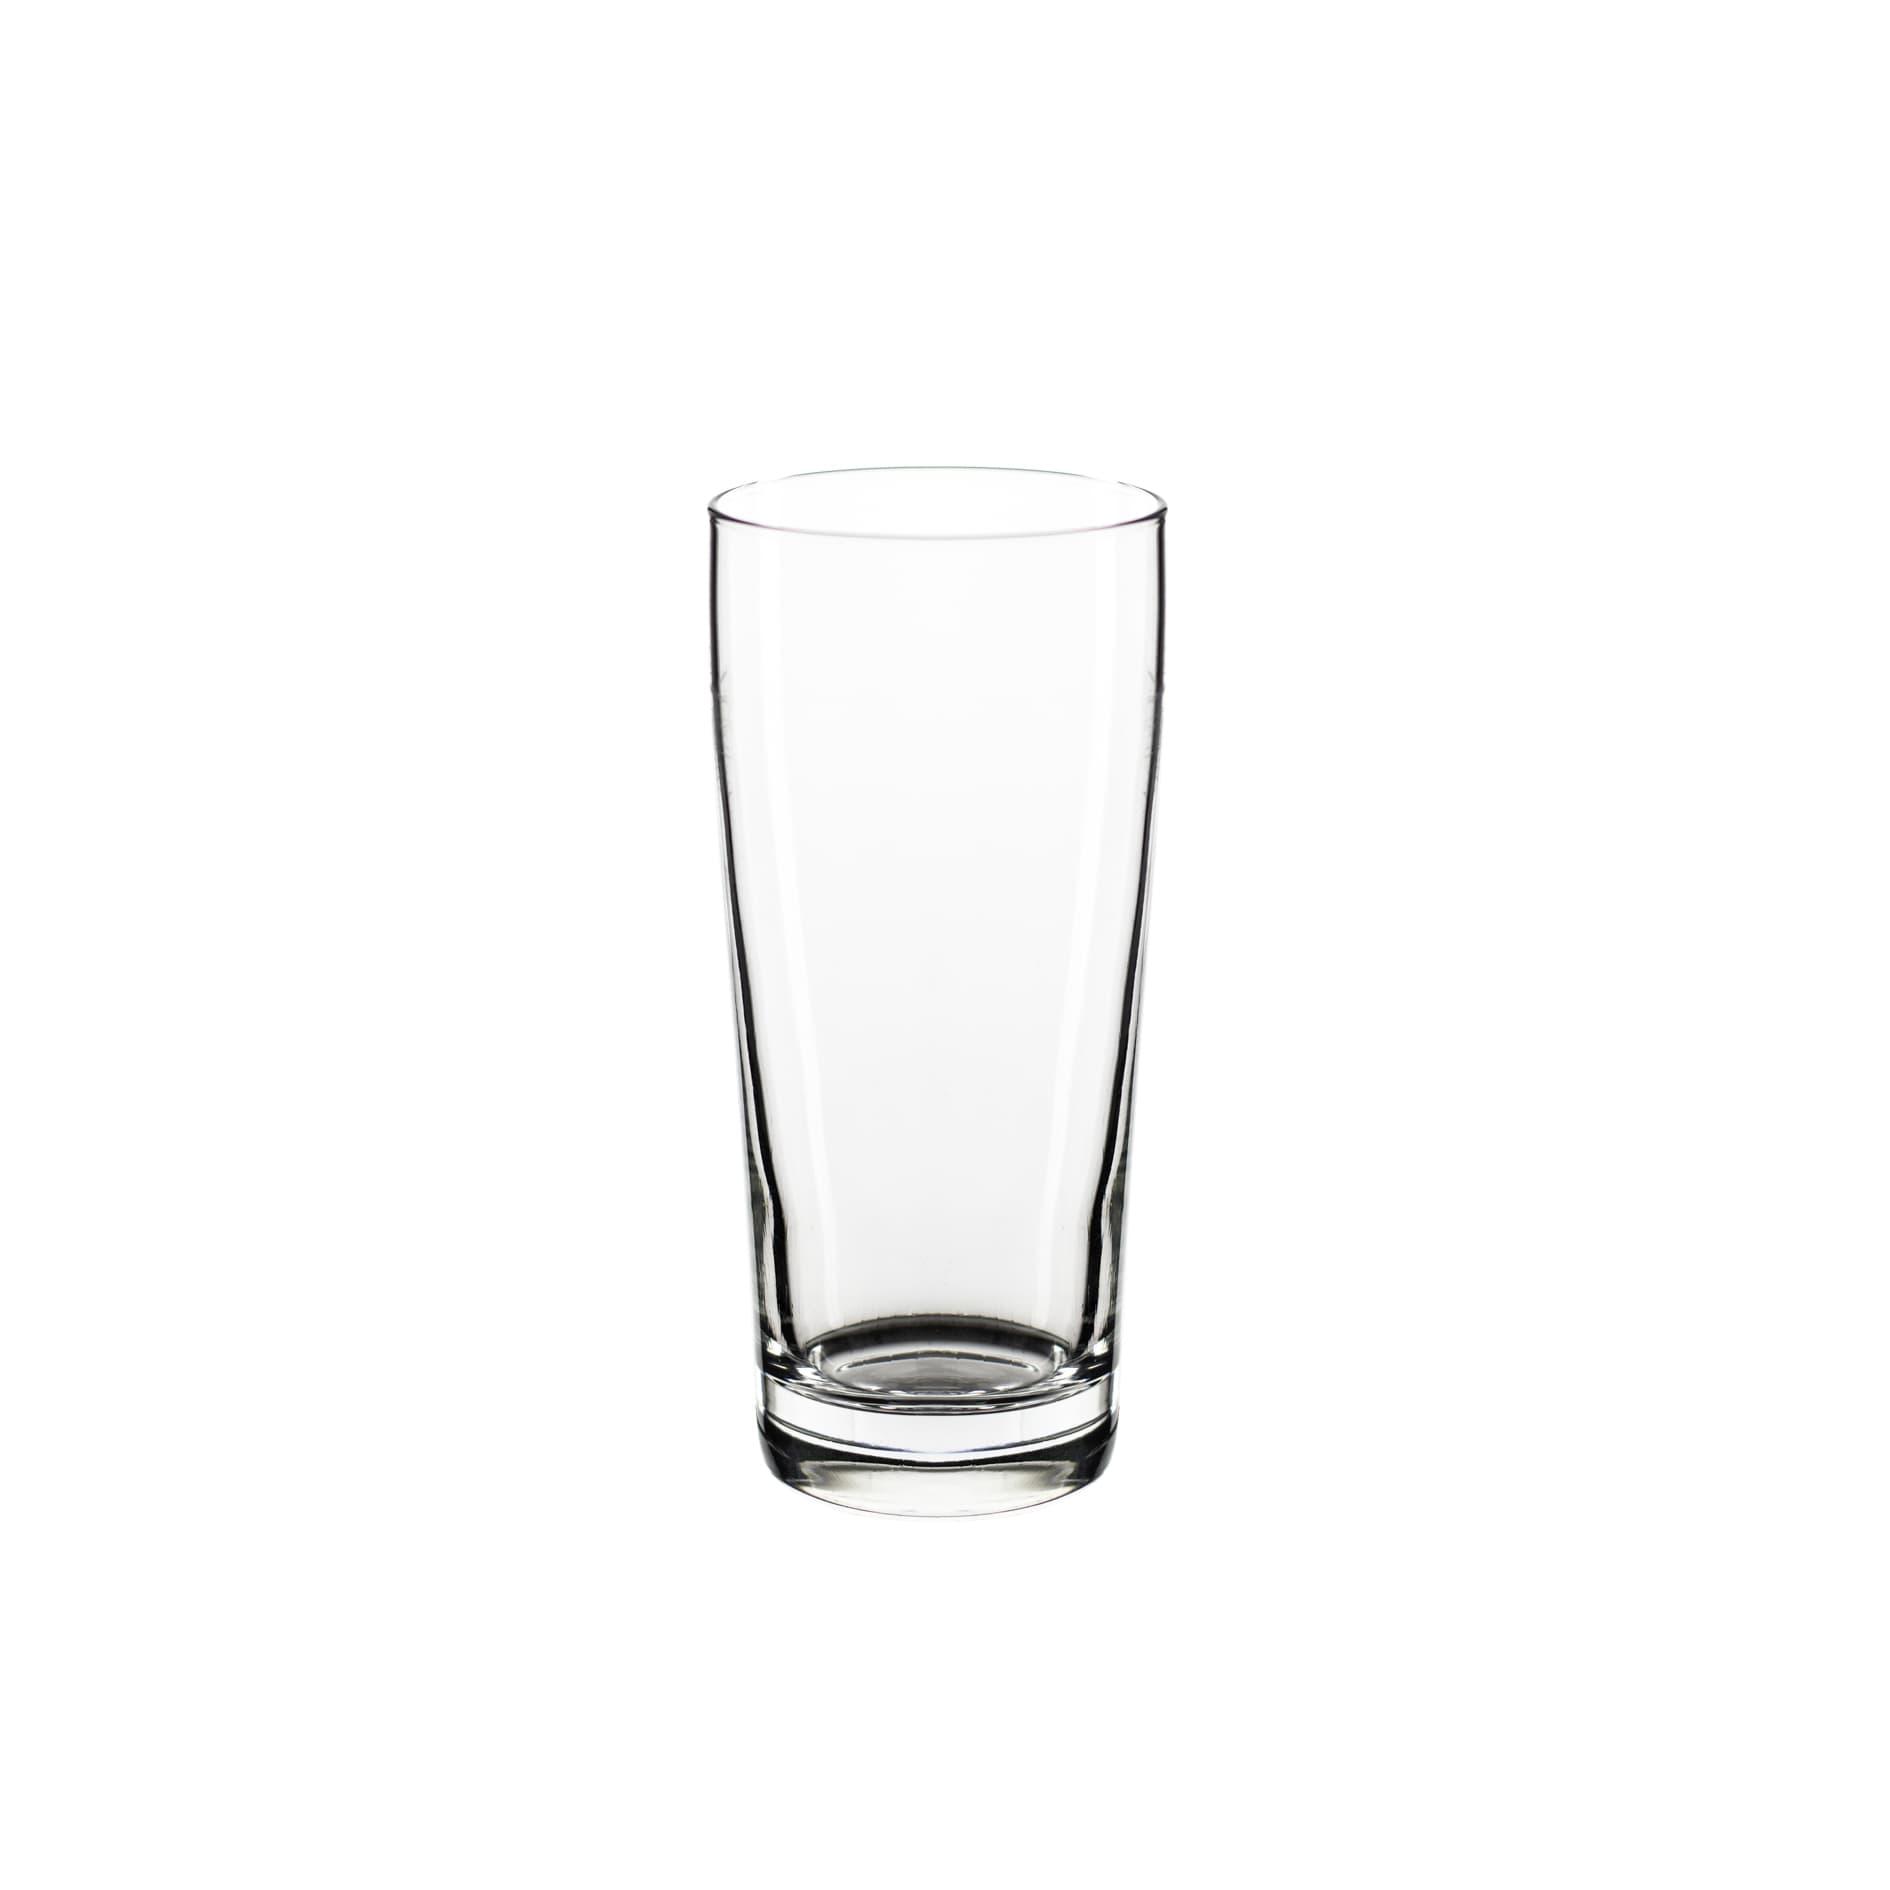 Bierglas Willy Becher 0,3 l